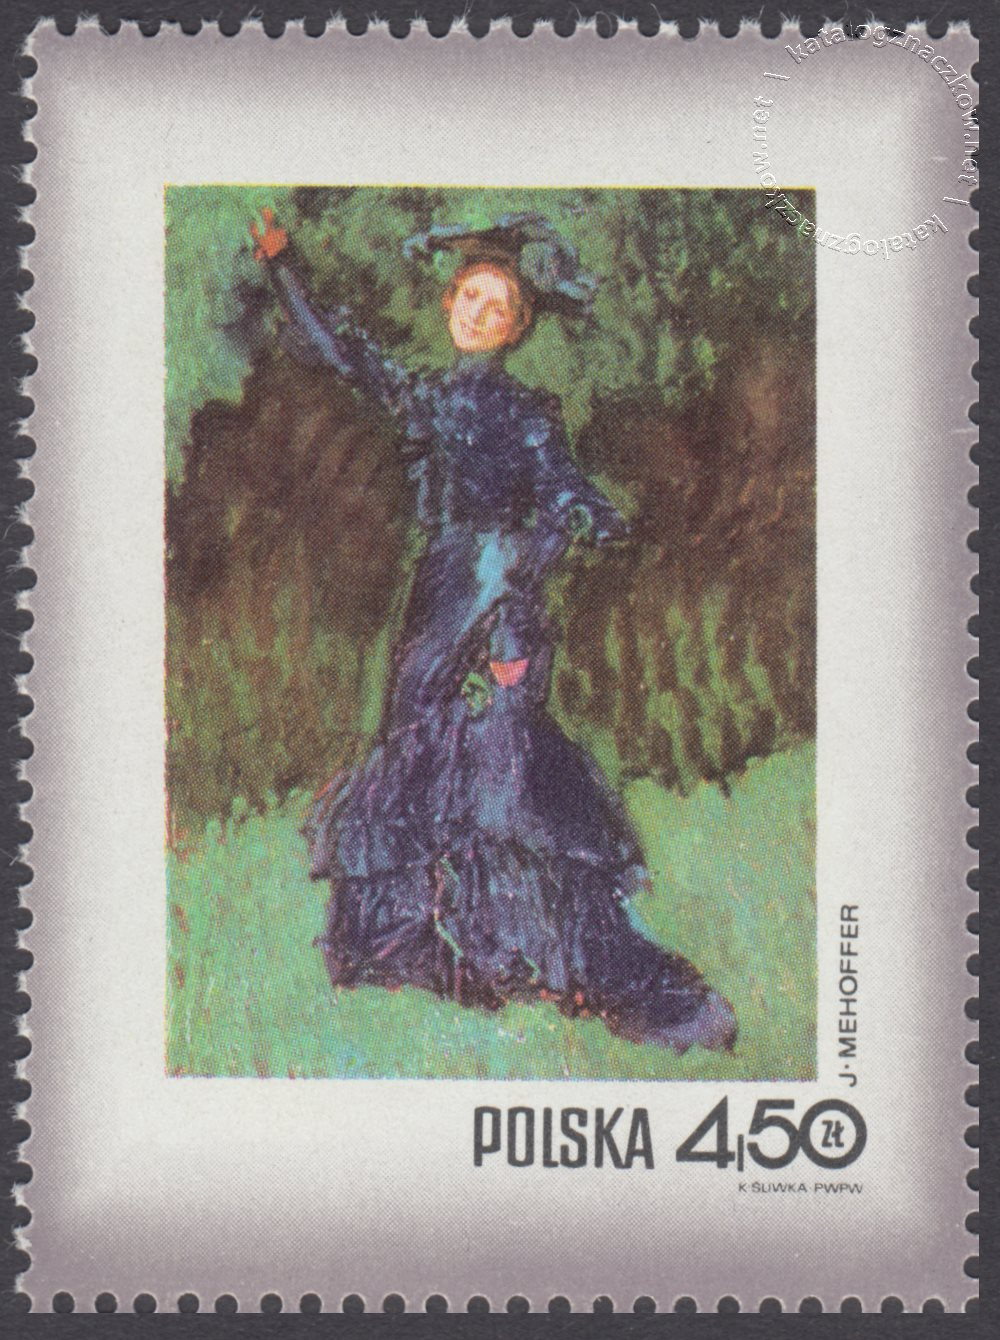 Dzień Znaczka – kobieta w malarstwie polskim znaczek nr 1968